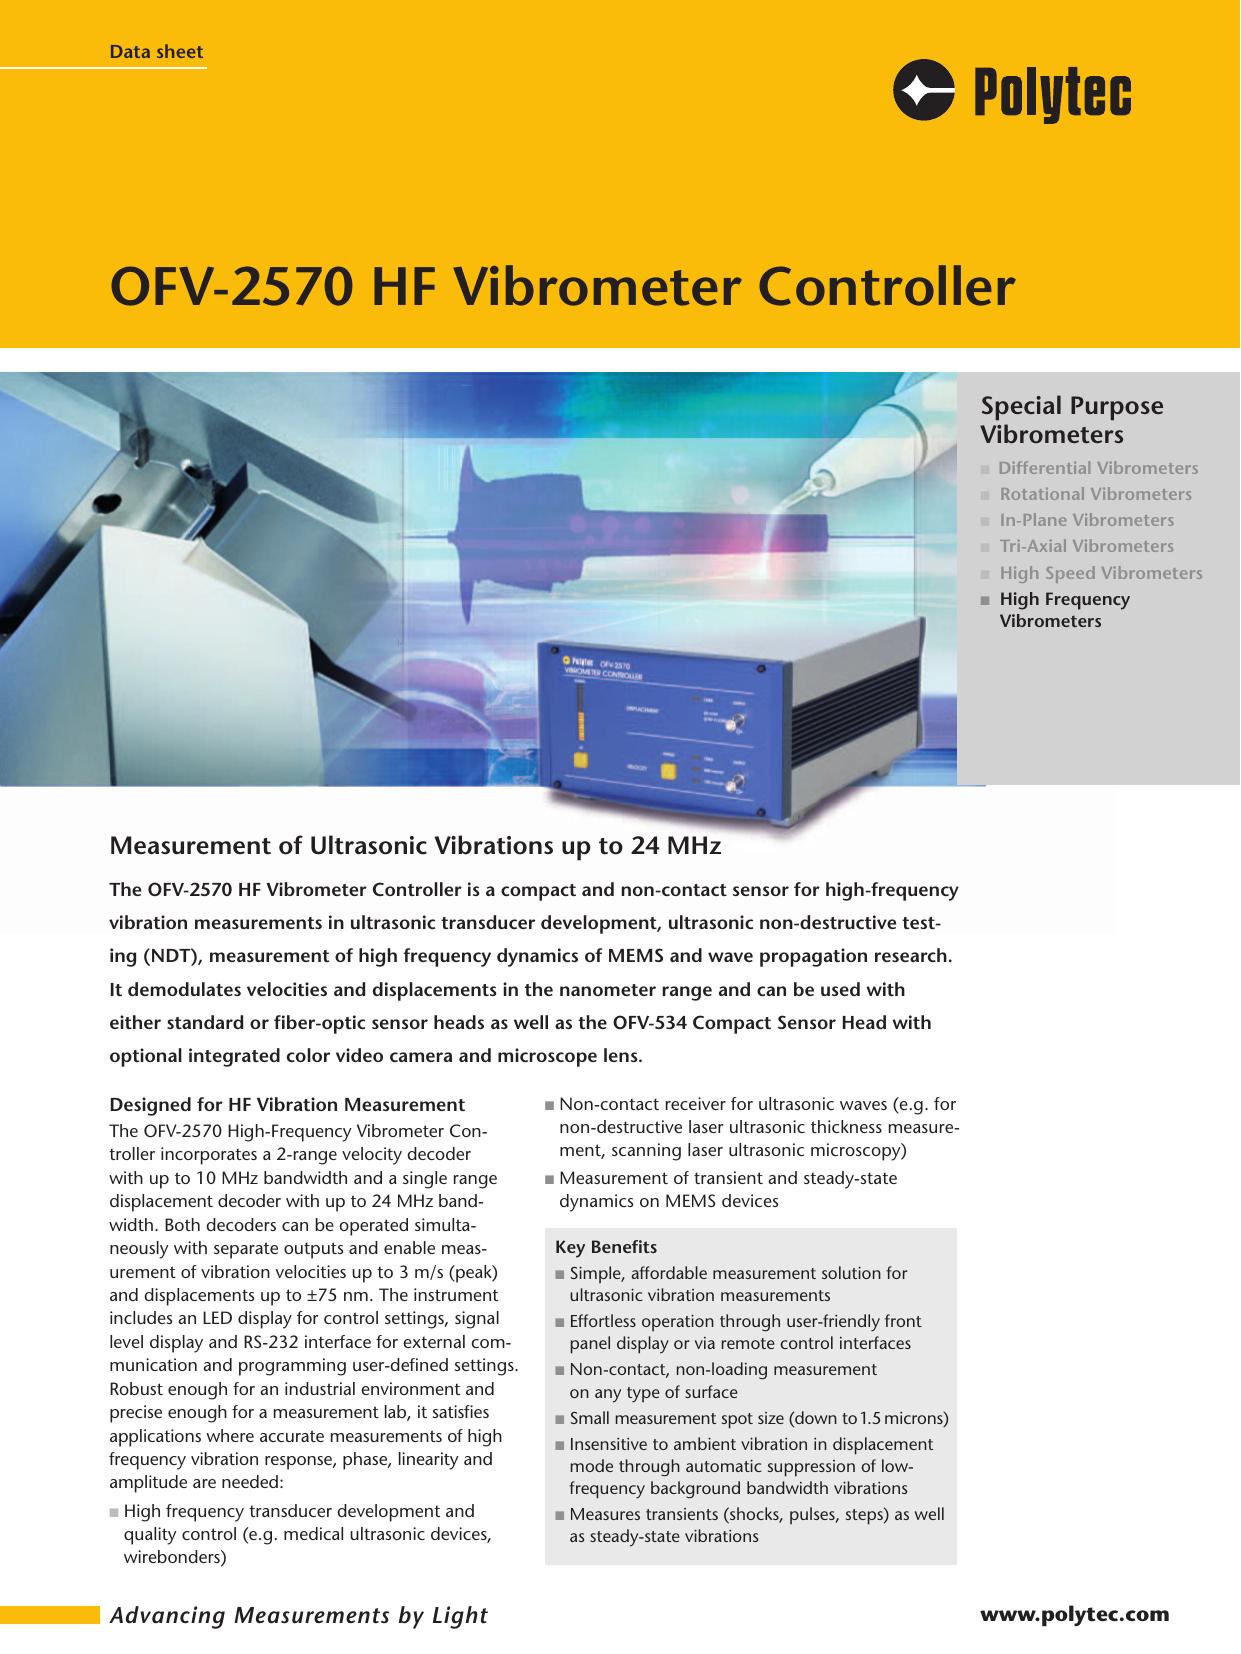 OFV-2570 HF Vibrometer Controller | manualzz com